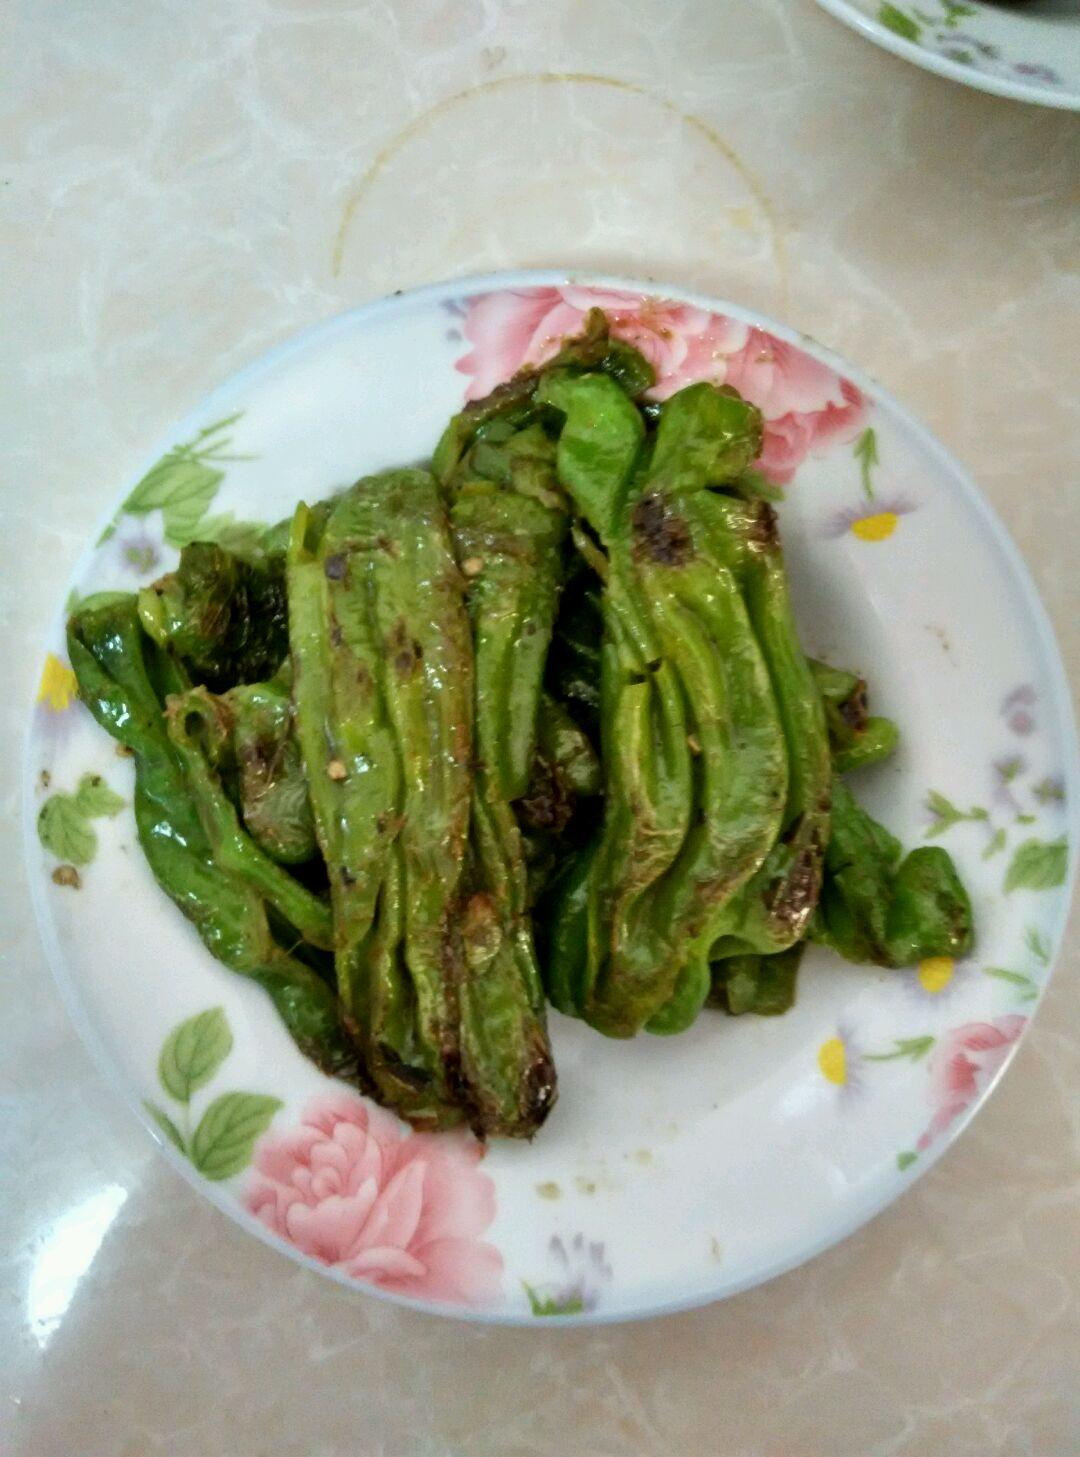 虎皮青椒的做法_【圖解】虎皮青椒怎么做如何做好吃_虎皮青椒家常做法大全_獨家記憶_豆果美食